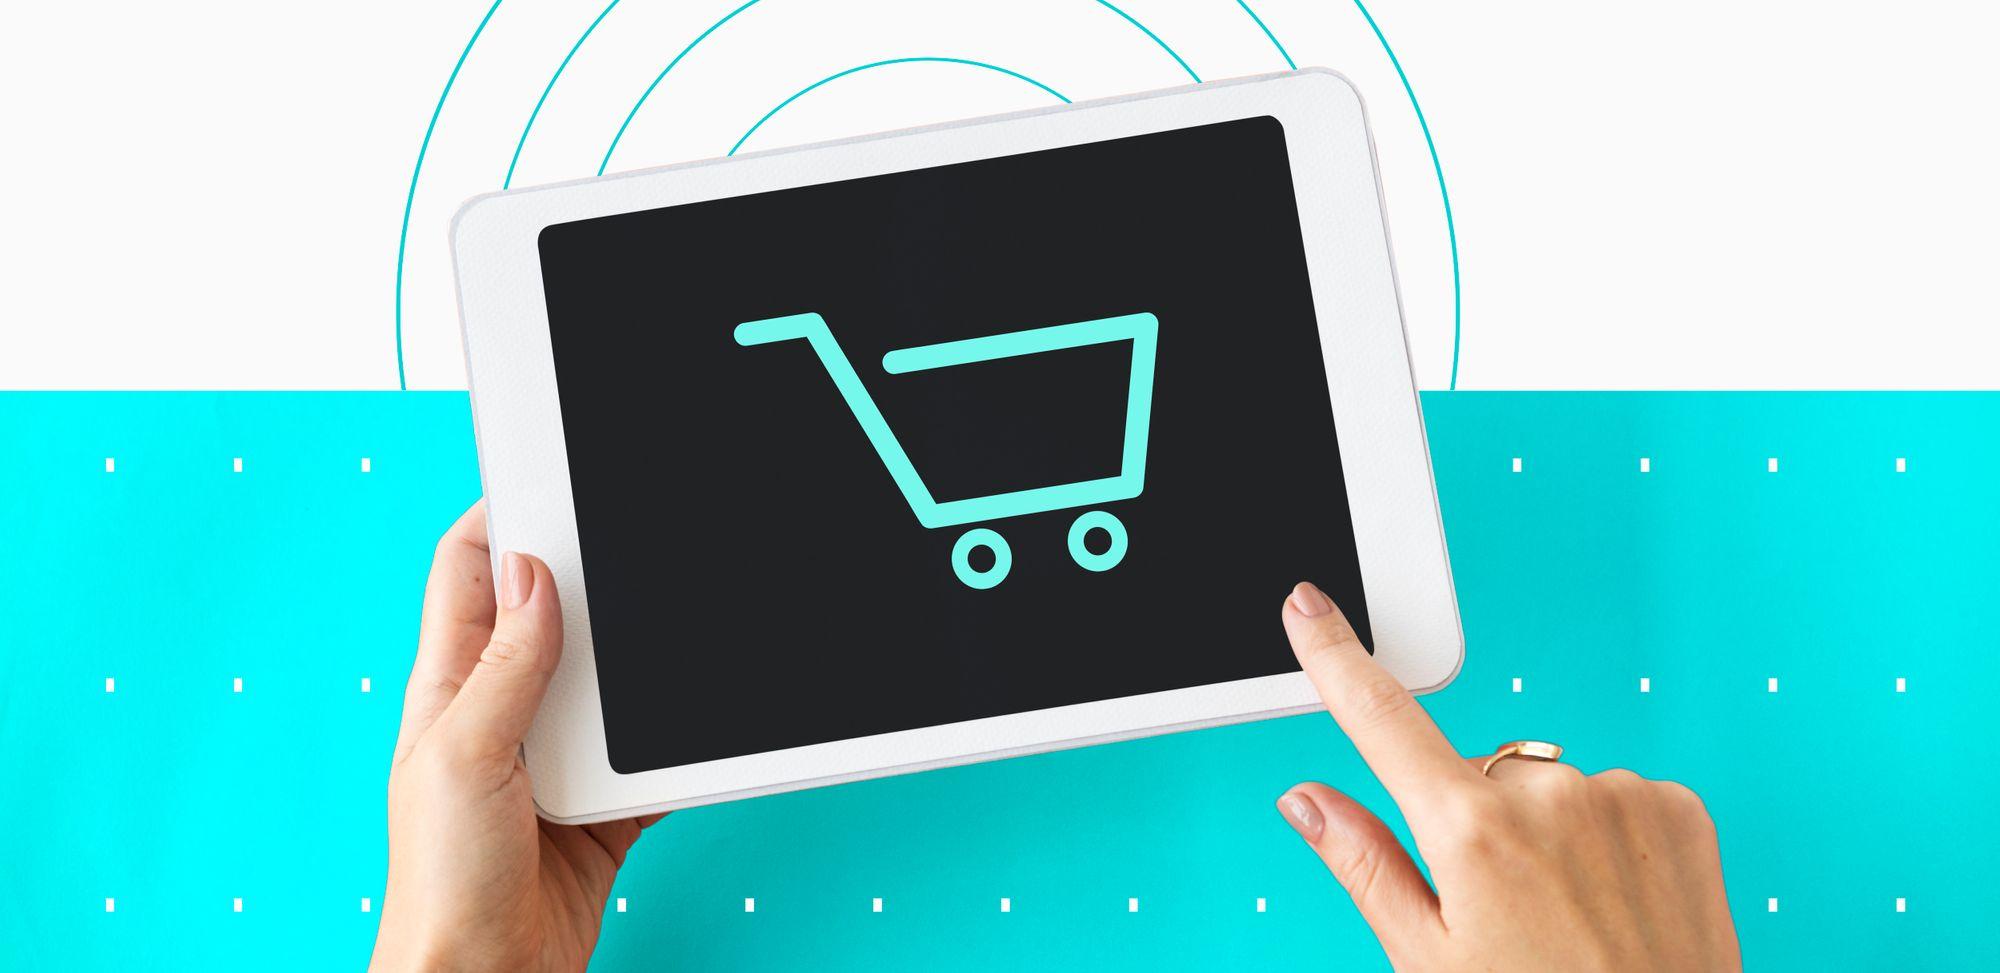 İhtiyati Haciz E-Ticaret Dolandırıcılarına Karşı Kullanılabilecek Etkili Bir Yöntem Olabilir Mi?